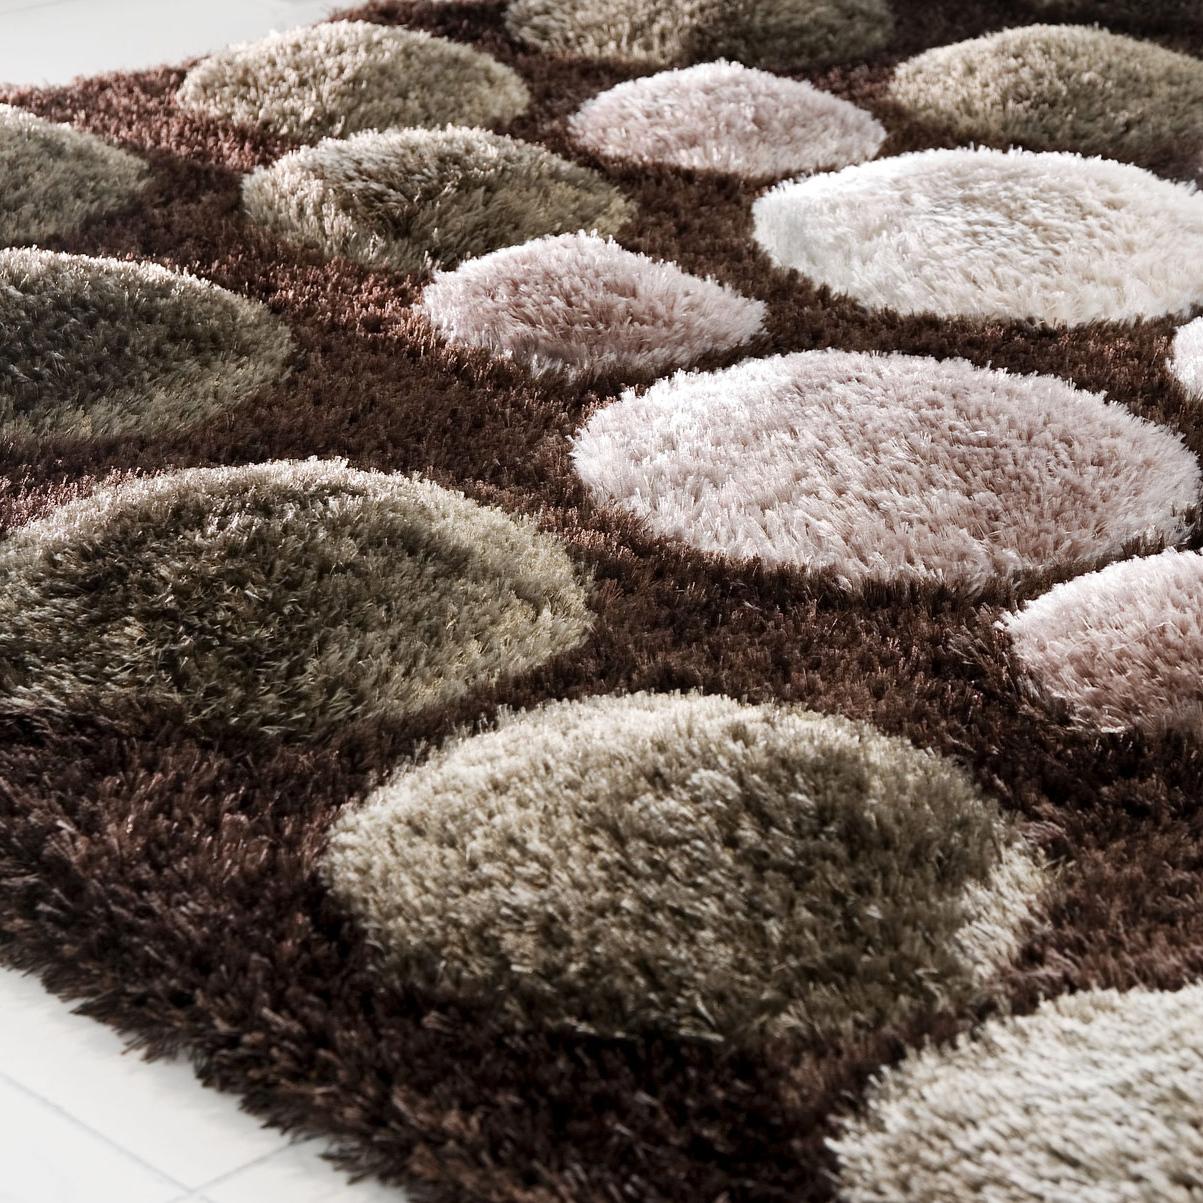 Kusový koberec Stoes, výroba Turecko, prodejce Bakero Foto: Bakero, oficiální zdroj